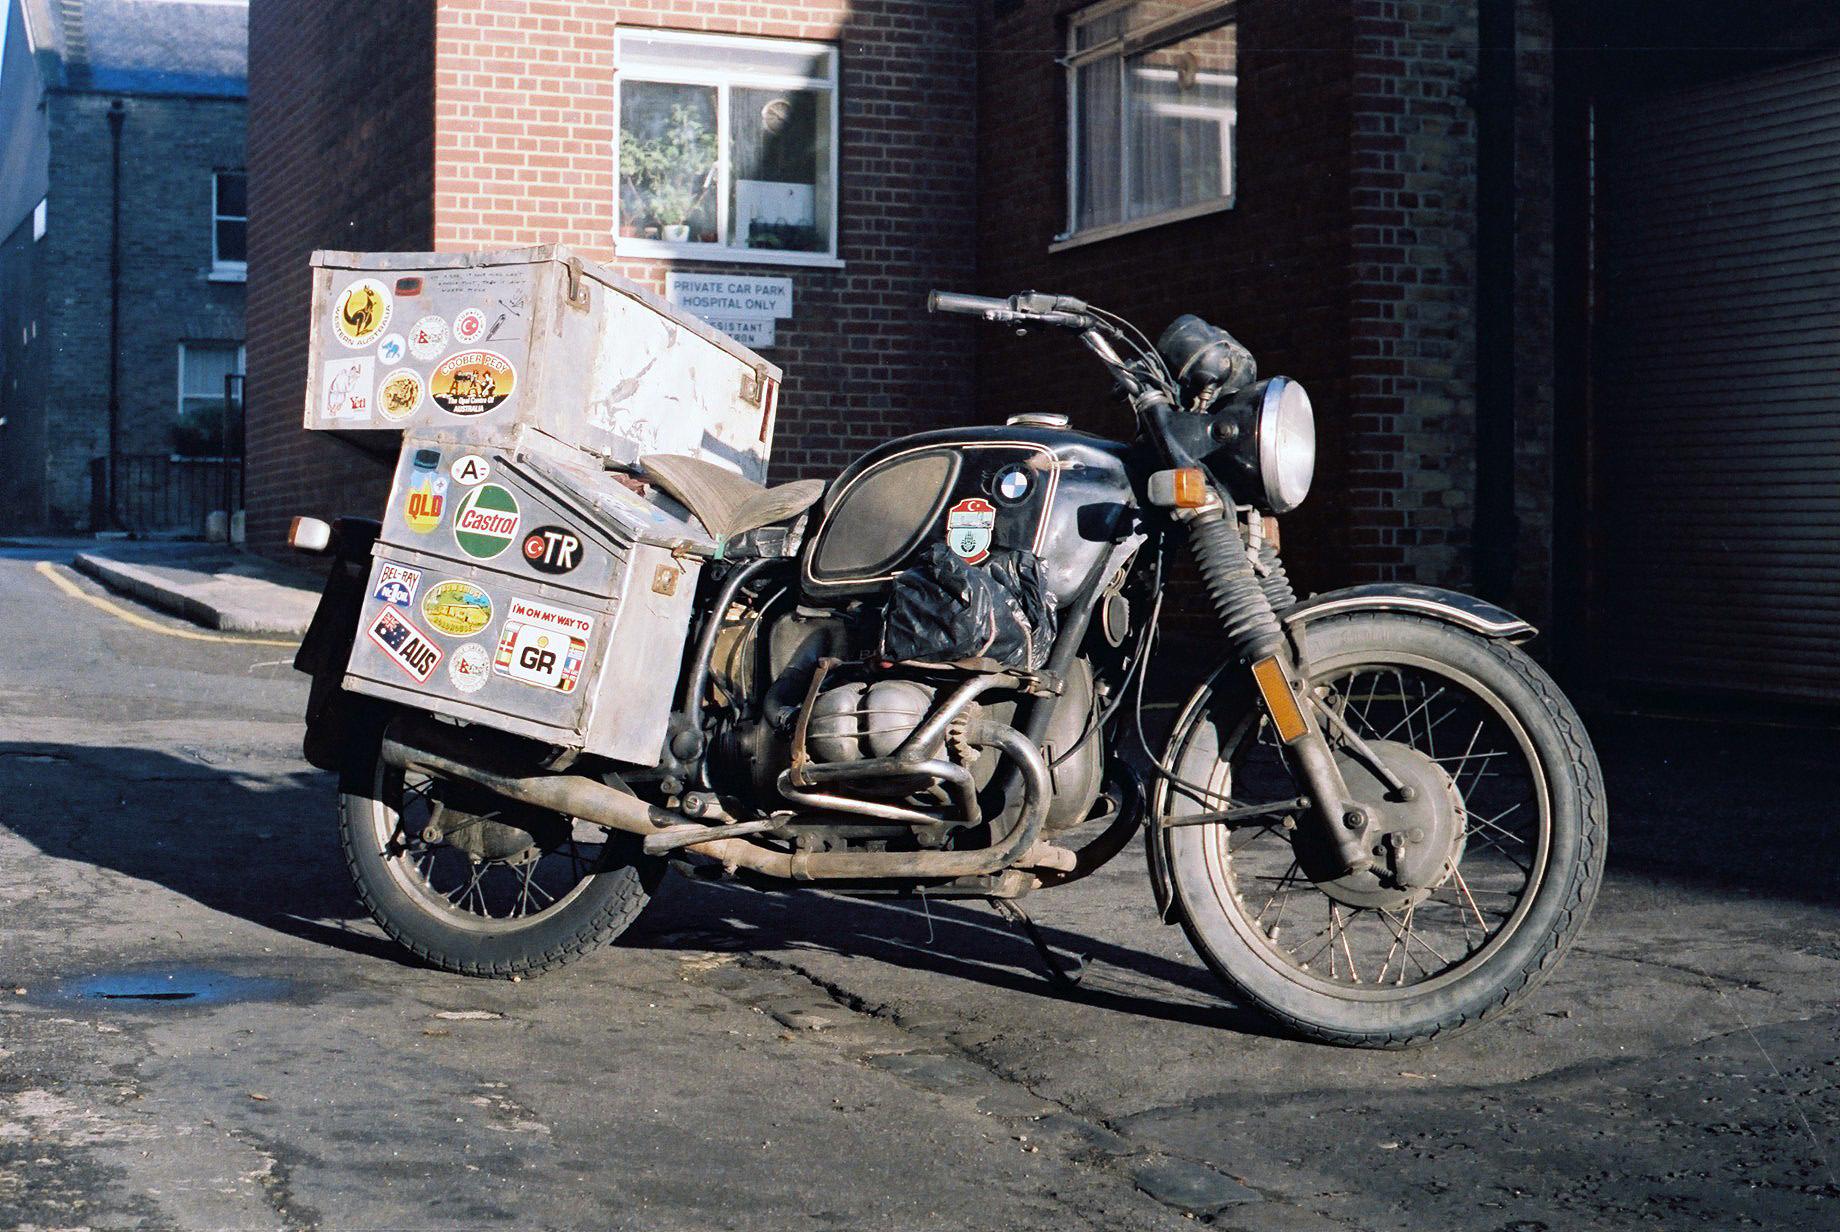 69. Bike Home